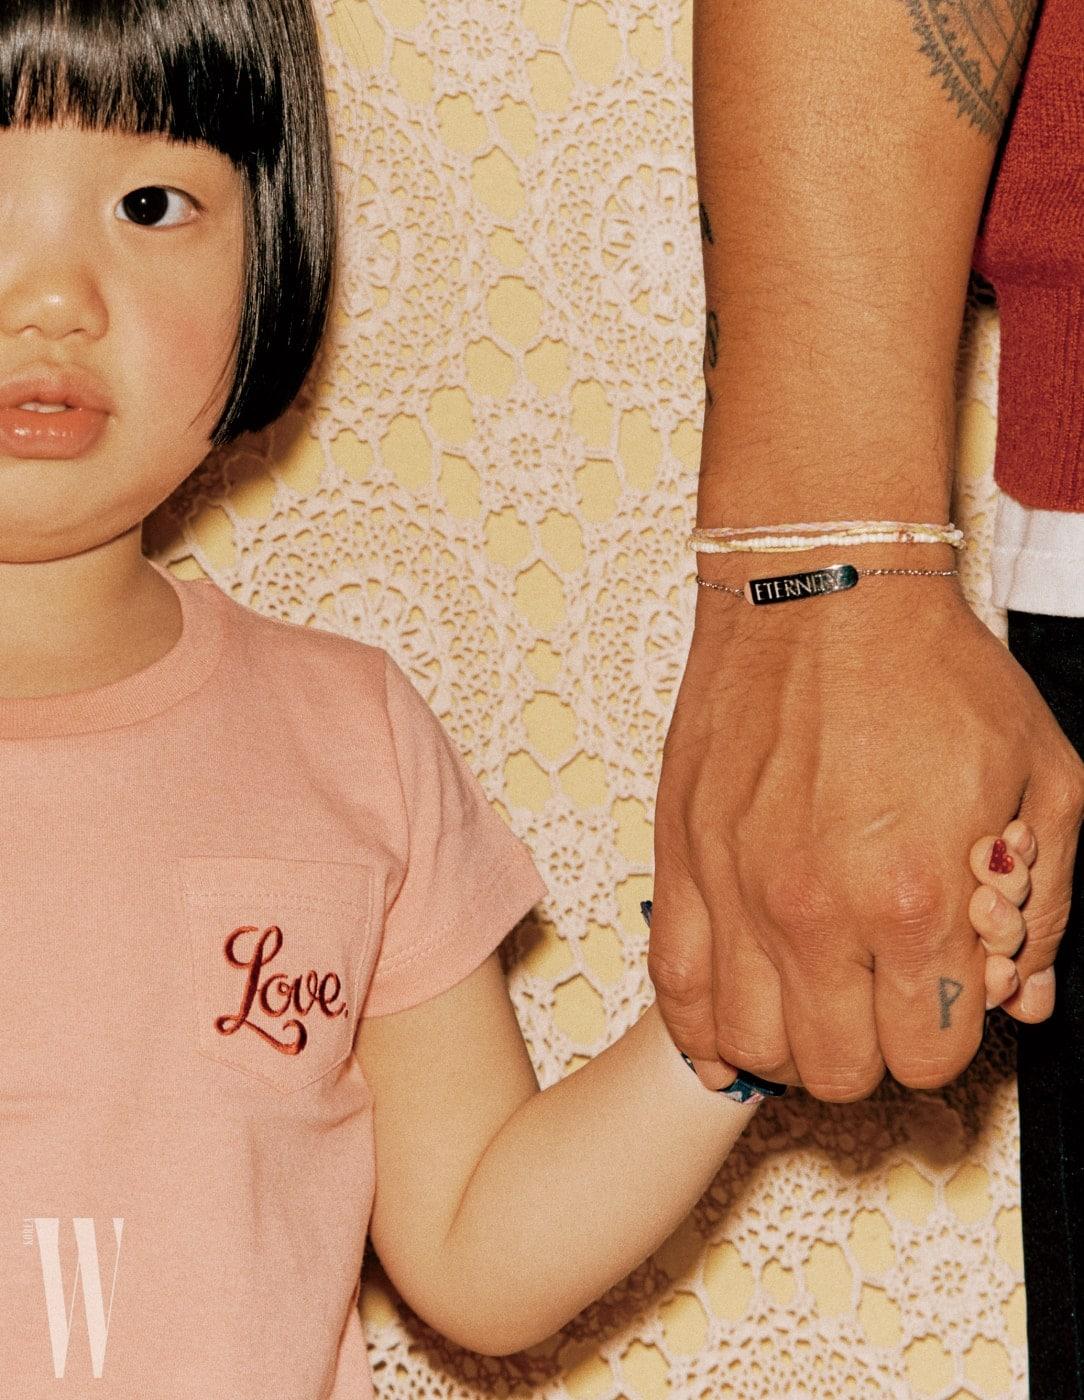 아이가 착용한 분홍색 러브 티셔츠는 Love., 패브릭 팔찌는 H&M Kids 제품. 아빠가 착용한 팔찌는 Calvin Klein Watches + Jewelry 제품.